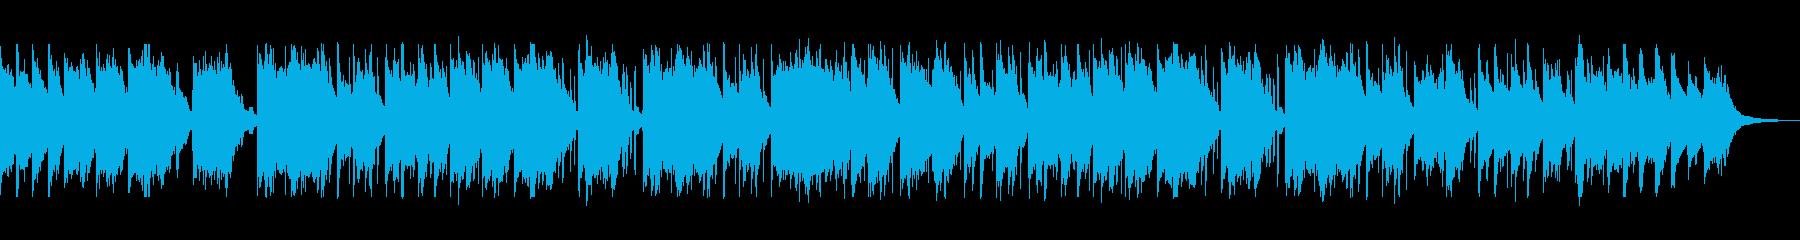 聖なる夜に鳴り響くベルの再生済みの波形